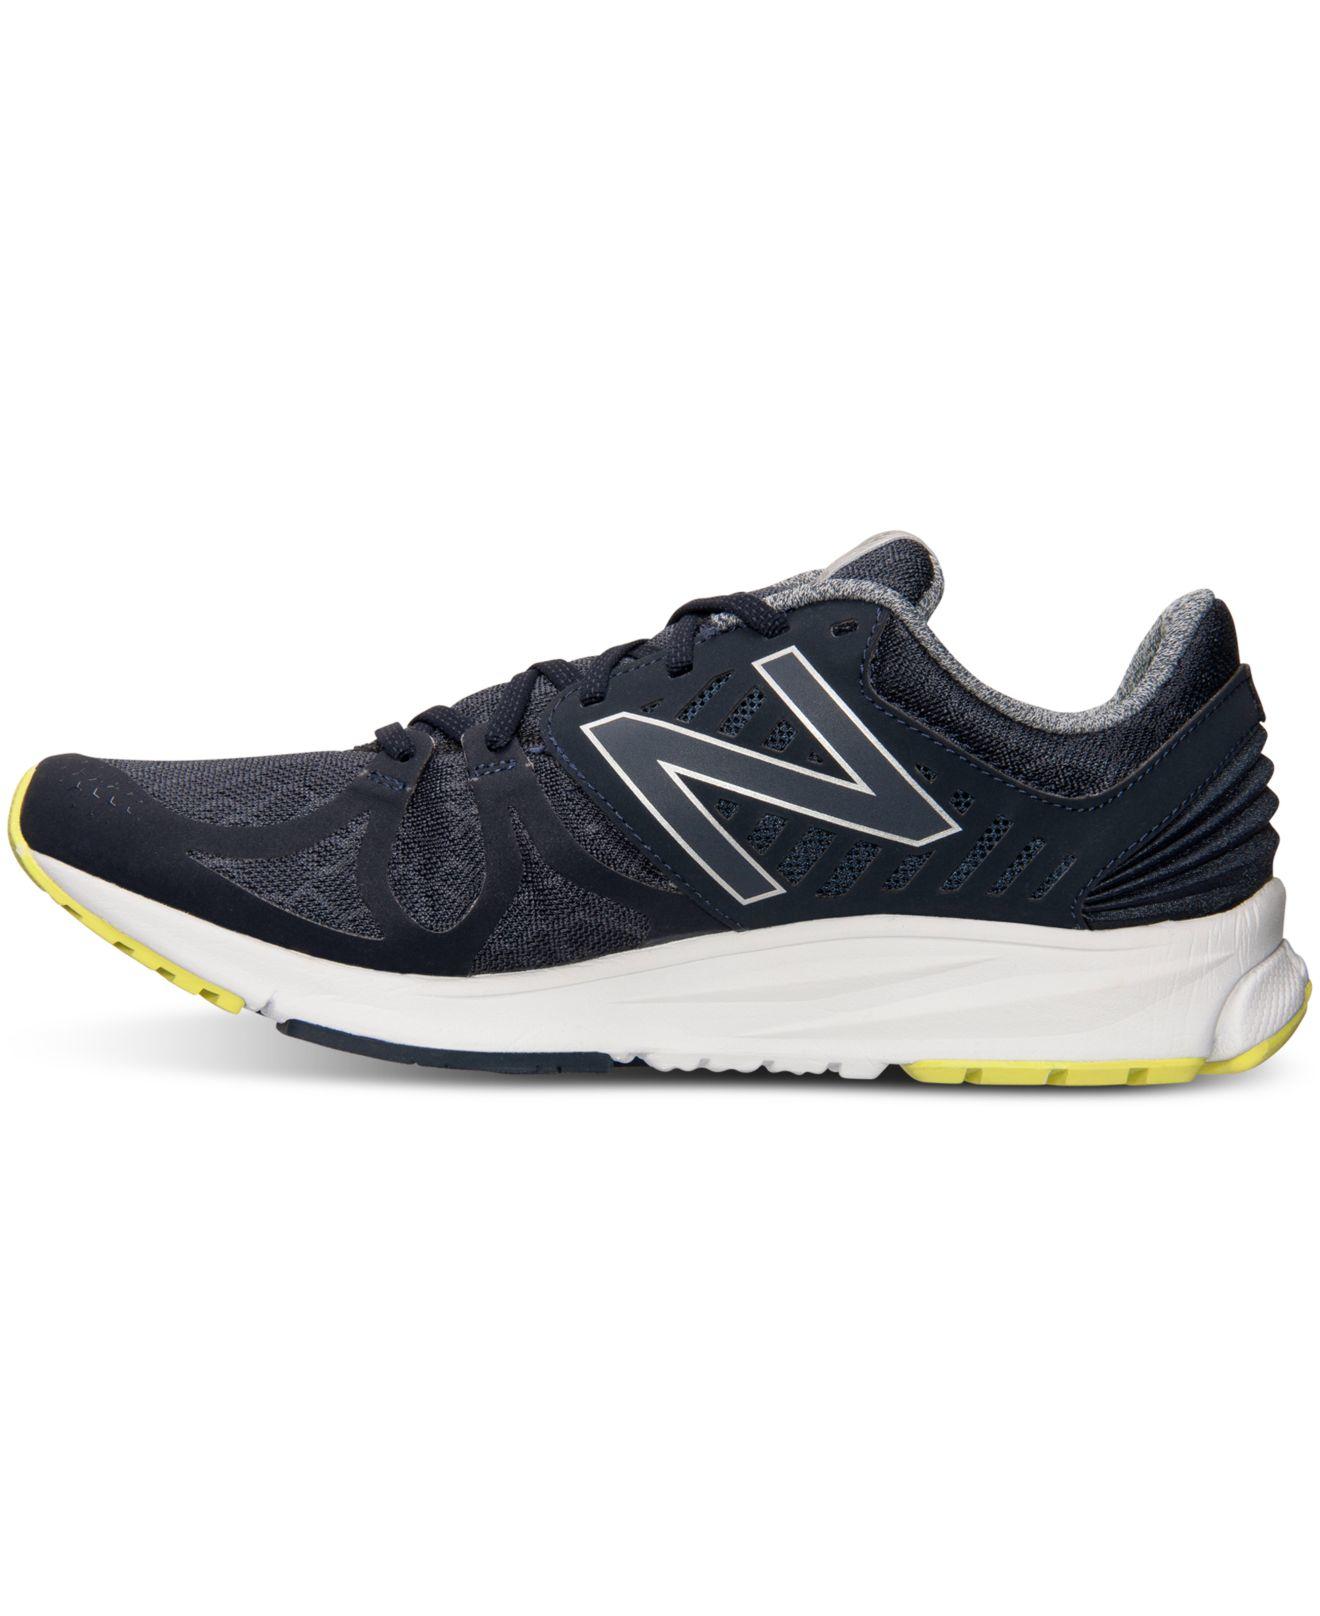 Vazee Rush Running Shoe